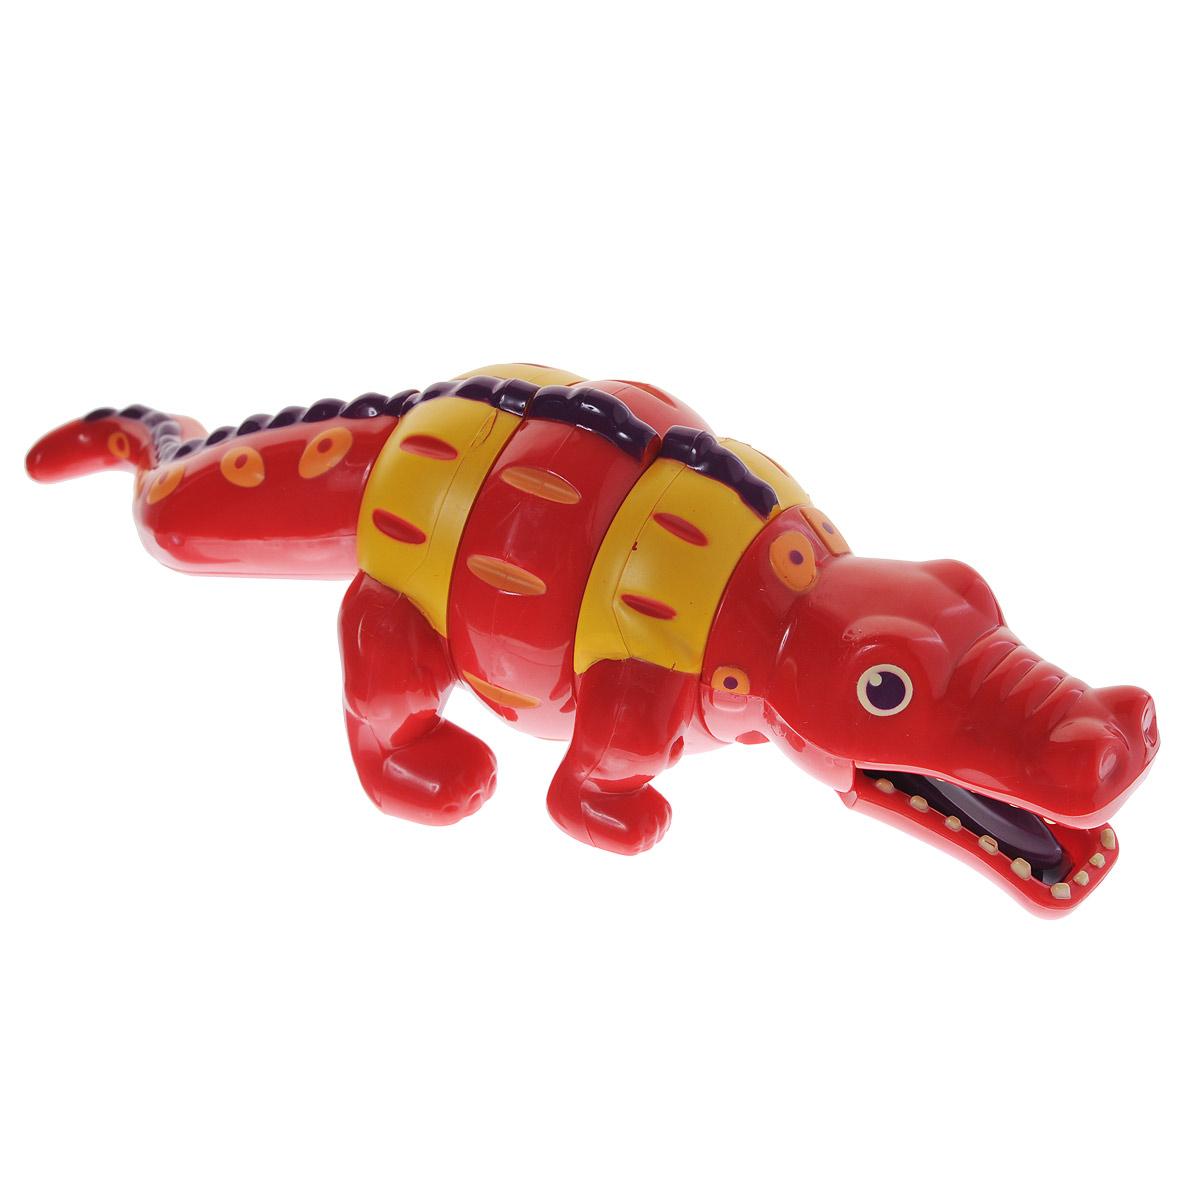 Battat Погремушка-трещотка Крокодил68665Яркая погремушка-трещотка Крокодил, непременно, понравится вашему малышу. Оказывается, крокодил совсем не страшный зверь! Очаровательный разноцветный крокодильчик станет лучшим другом вашего малыша - наверняка он сразу же примется изучать необычную игрушку и порадуется, услышав забавные звуки трещотки. Тело крокодила состоит трех шарнирных частей, которые можно вращать по окружности. При этом раздается потрескивающий звук. Пасть крокодила выступает в роли трещотки. Погремушка-трещотка способствует развитию тактильных ощущений, мелкой моторики рук малыша, формирует цветовое и звуковое восприятие.